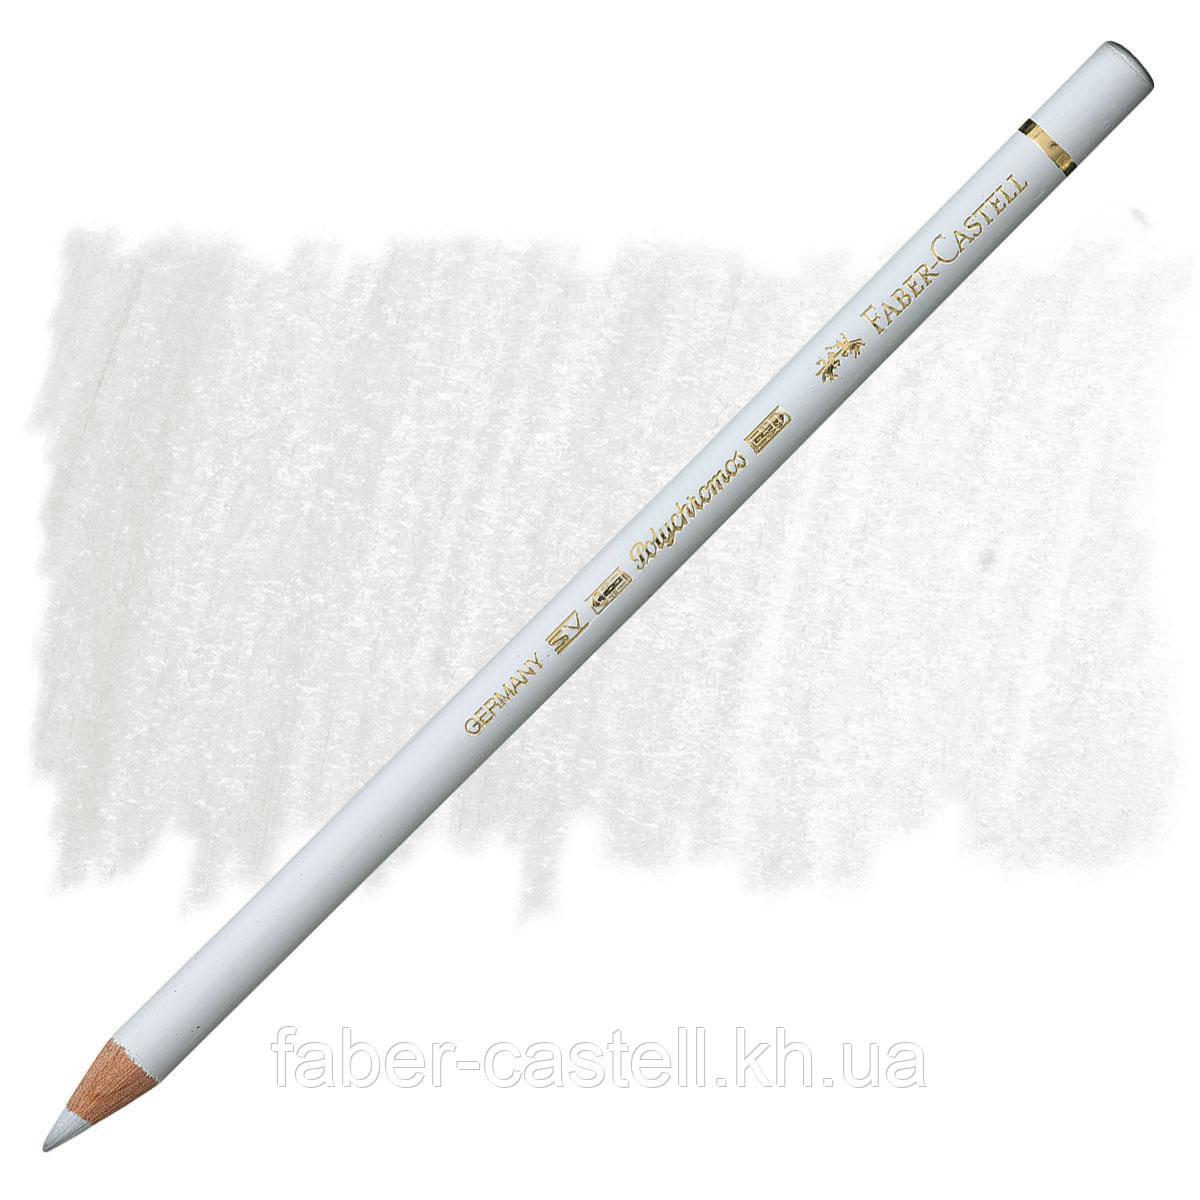 Олівець кольоровий Faber-Castell POLYCHROMOS холодний сірий I №230 (Cold Gray I), 110230